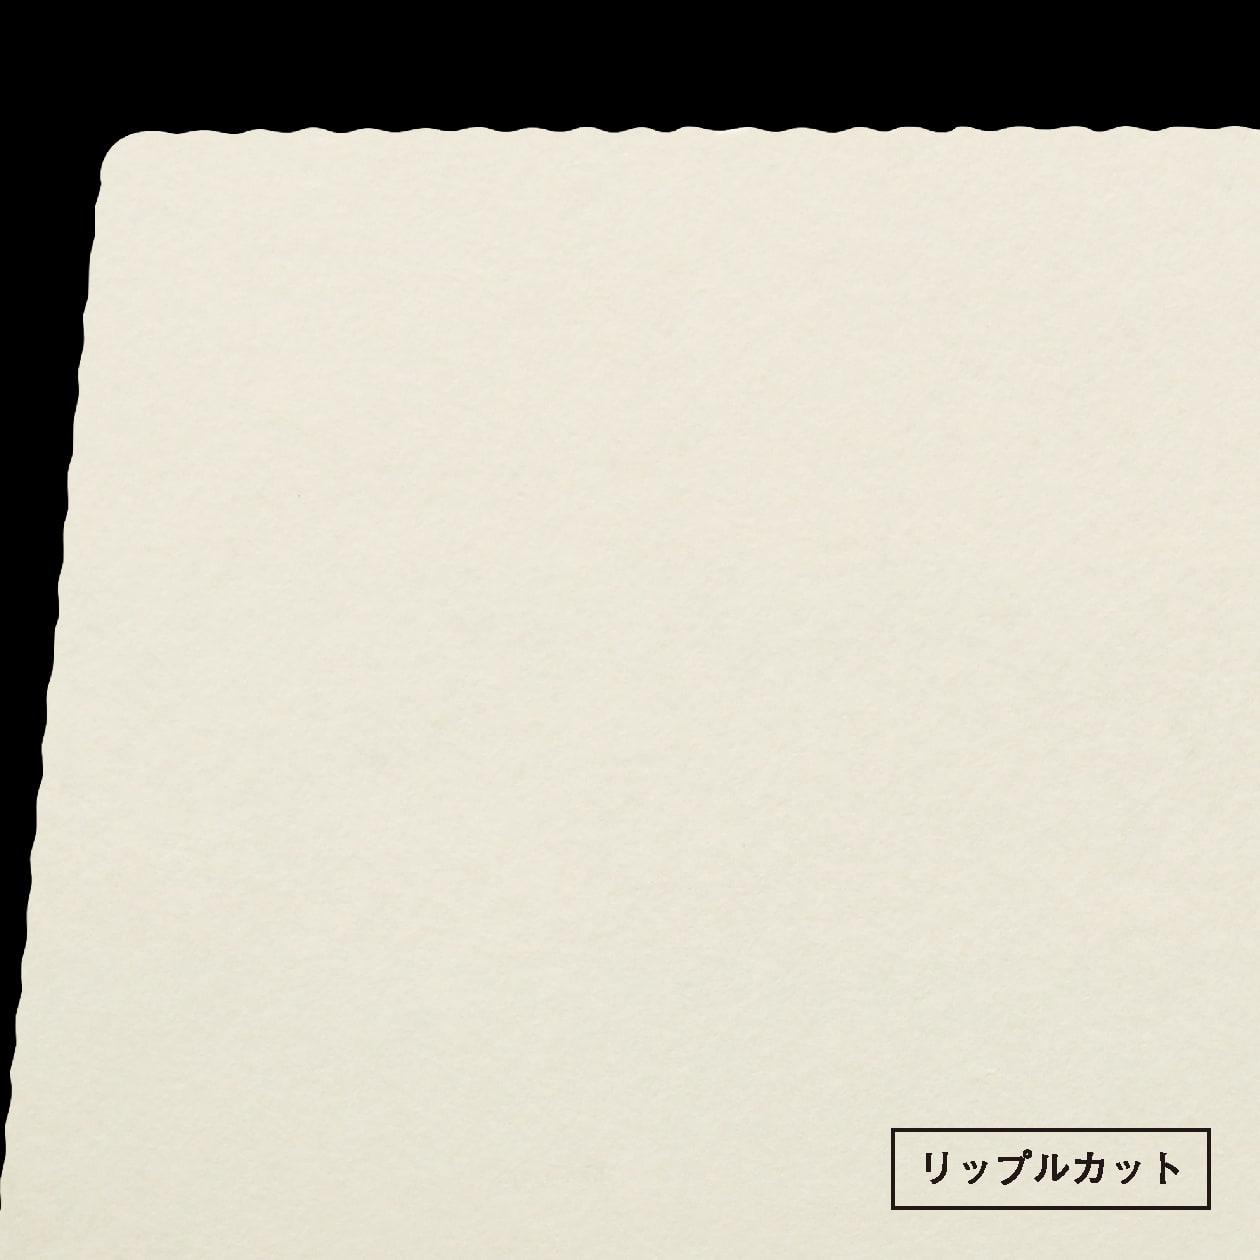 長3カマス封筒 HAGURUMA Basic ソフトクリーム 100g